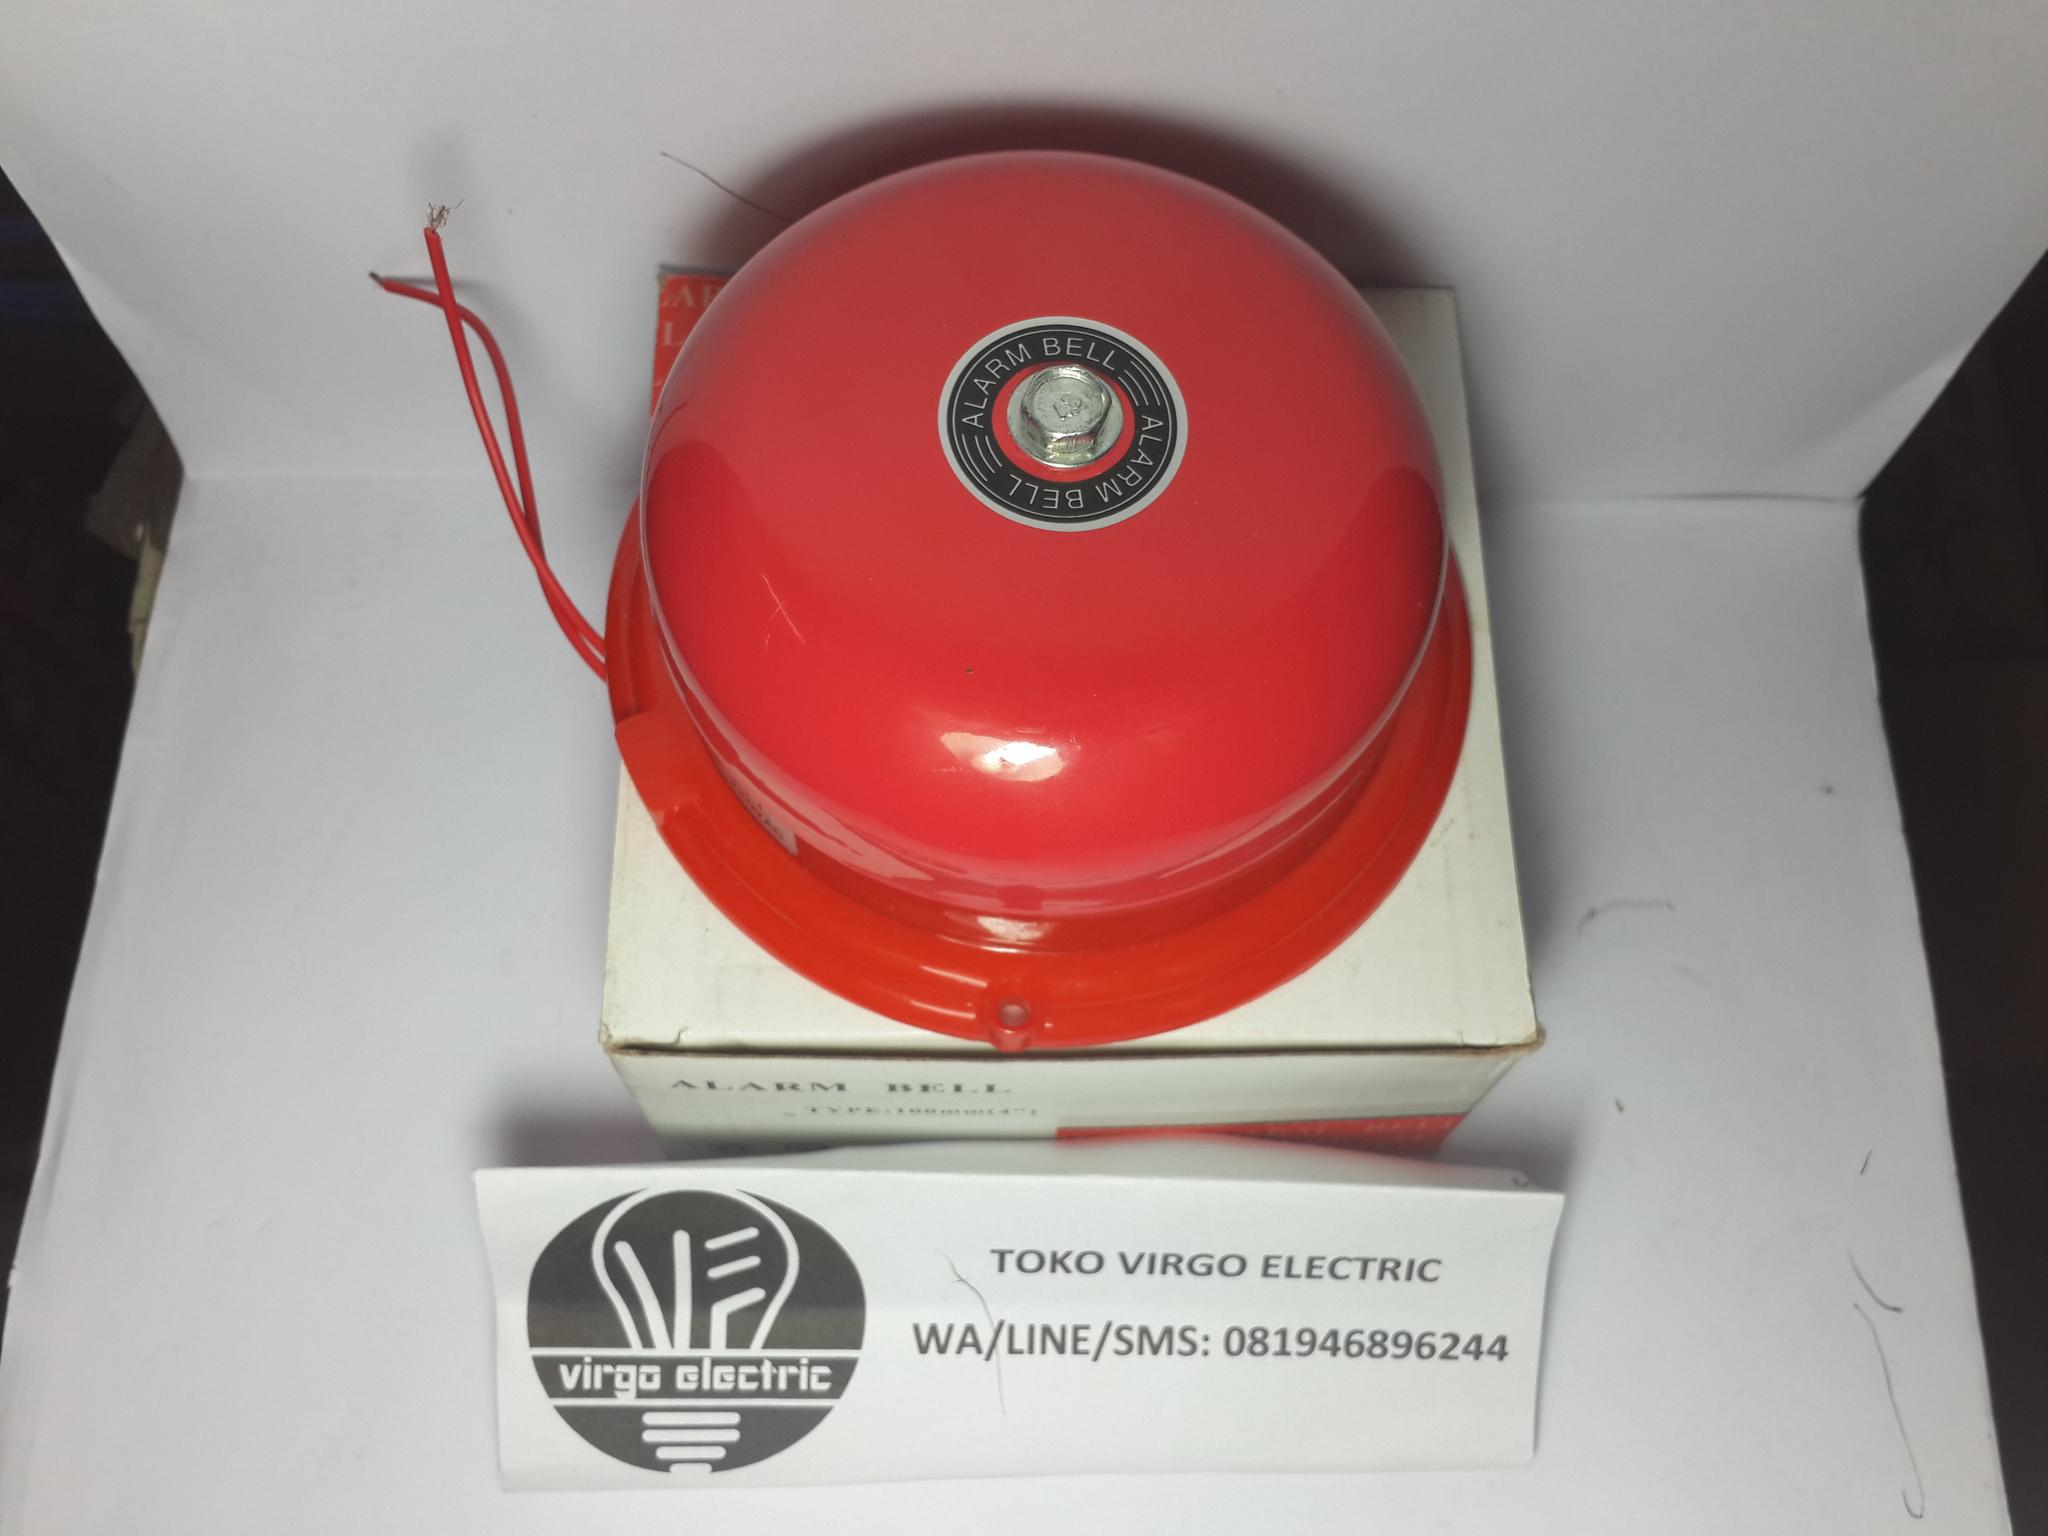 Atn Alarm Bell Listrikbunyi Bel Kring Multifungsi 100mm 4 Red Sekolah Tet Buzzer Pabrik Istirahat